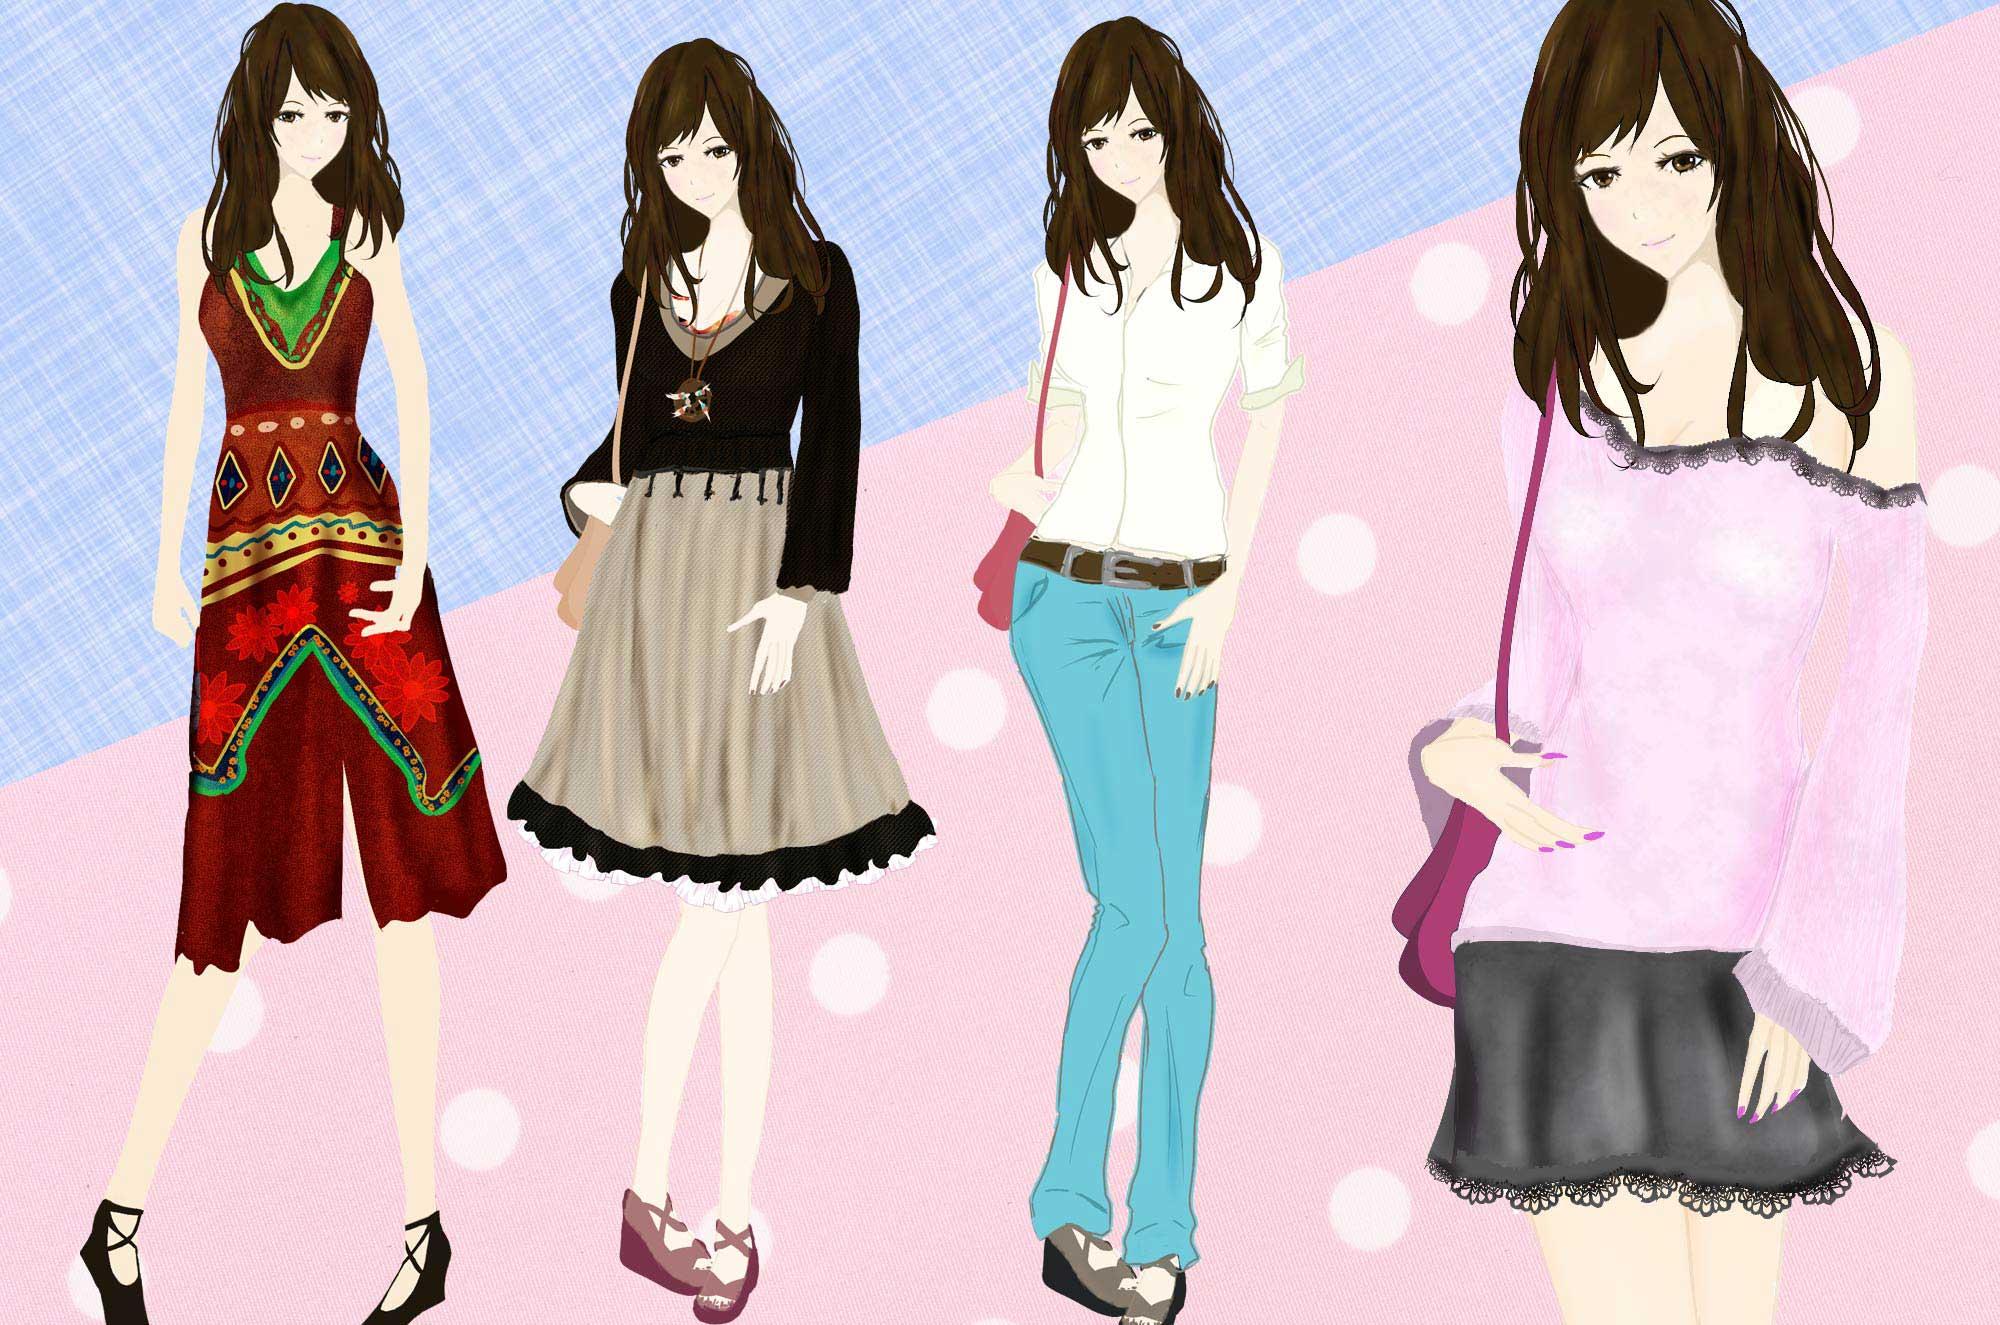 ファッションイラスト , 可愛い服のデザイン無料素材